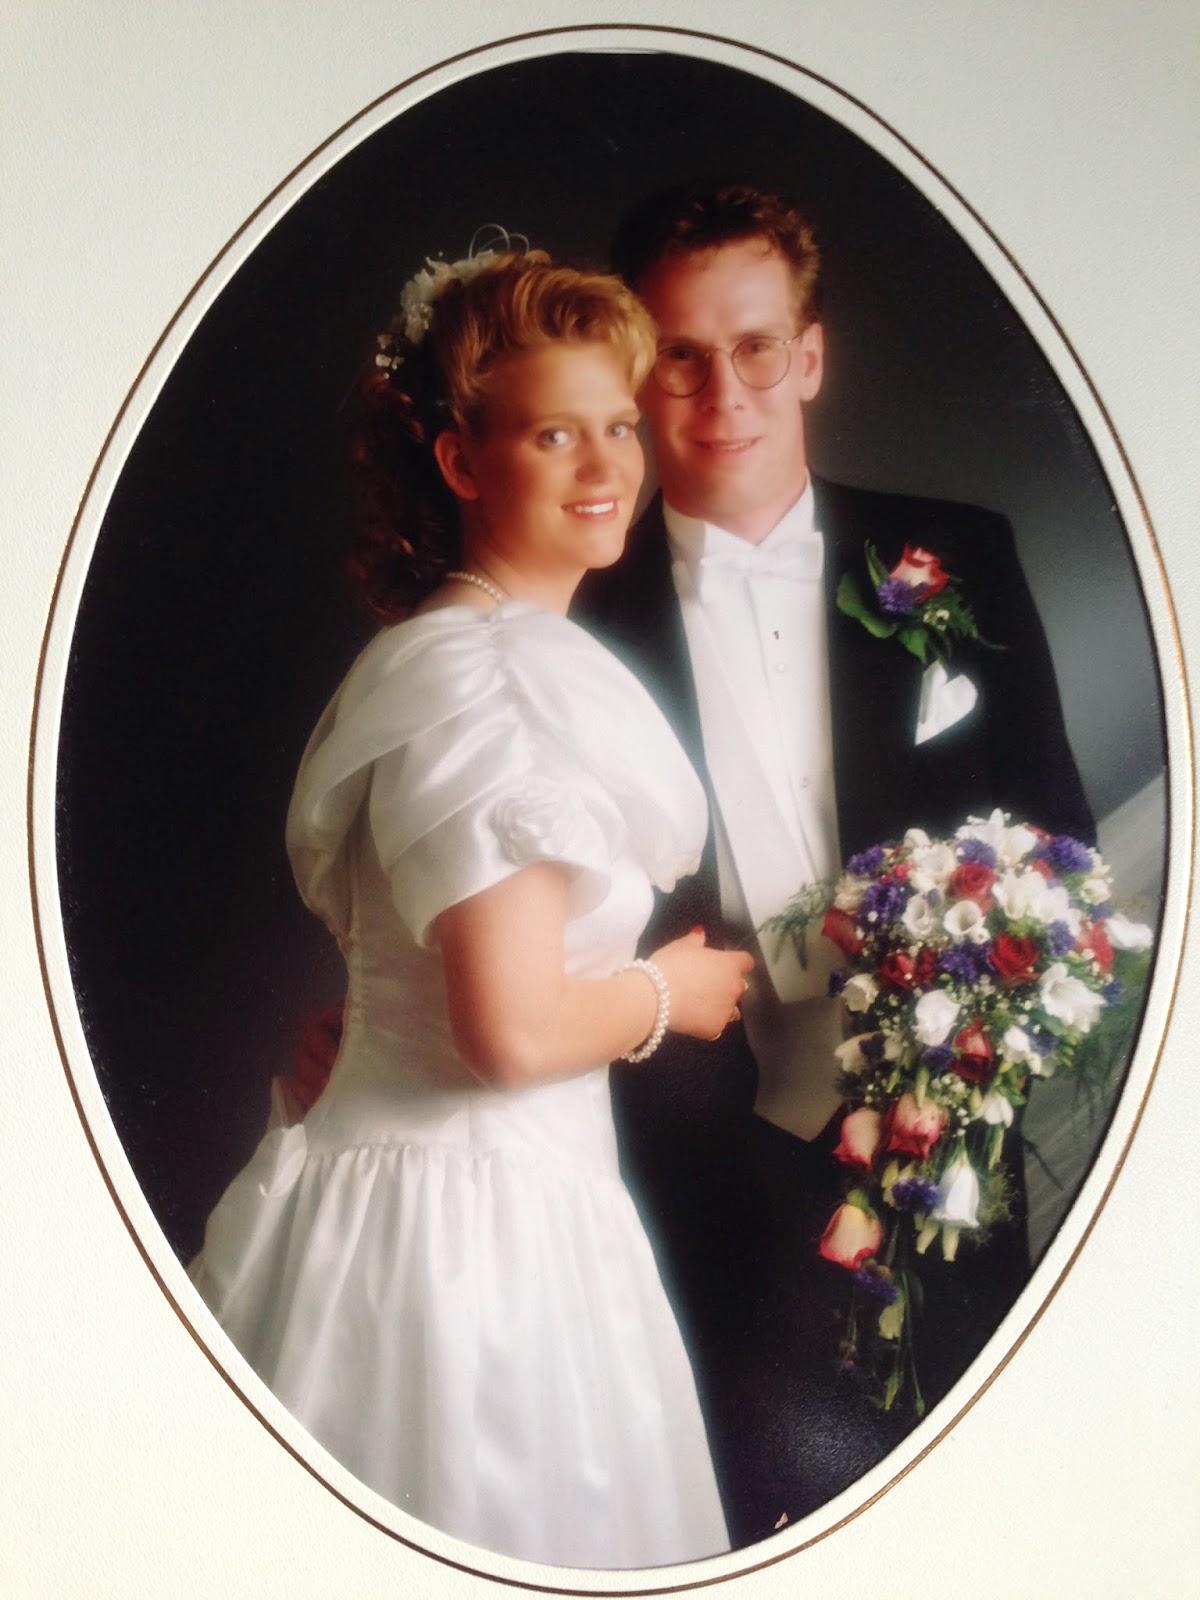 20 år bröllop Mitt i livet..: 20 årig Bröllopsdag! 20 år bröllop